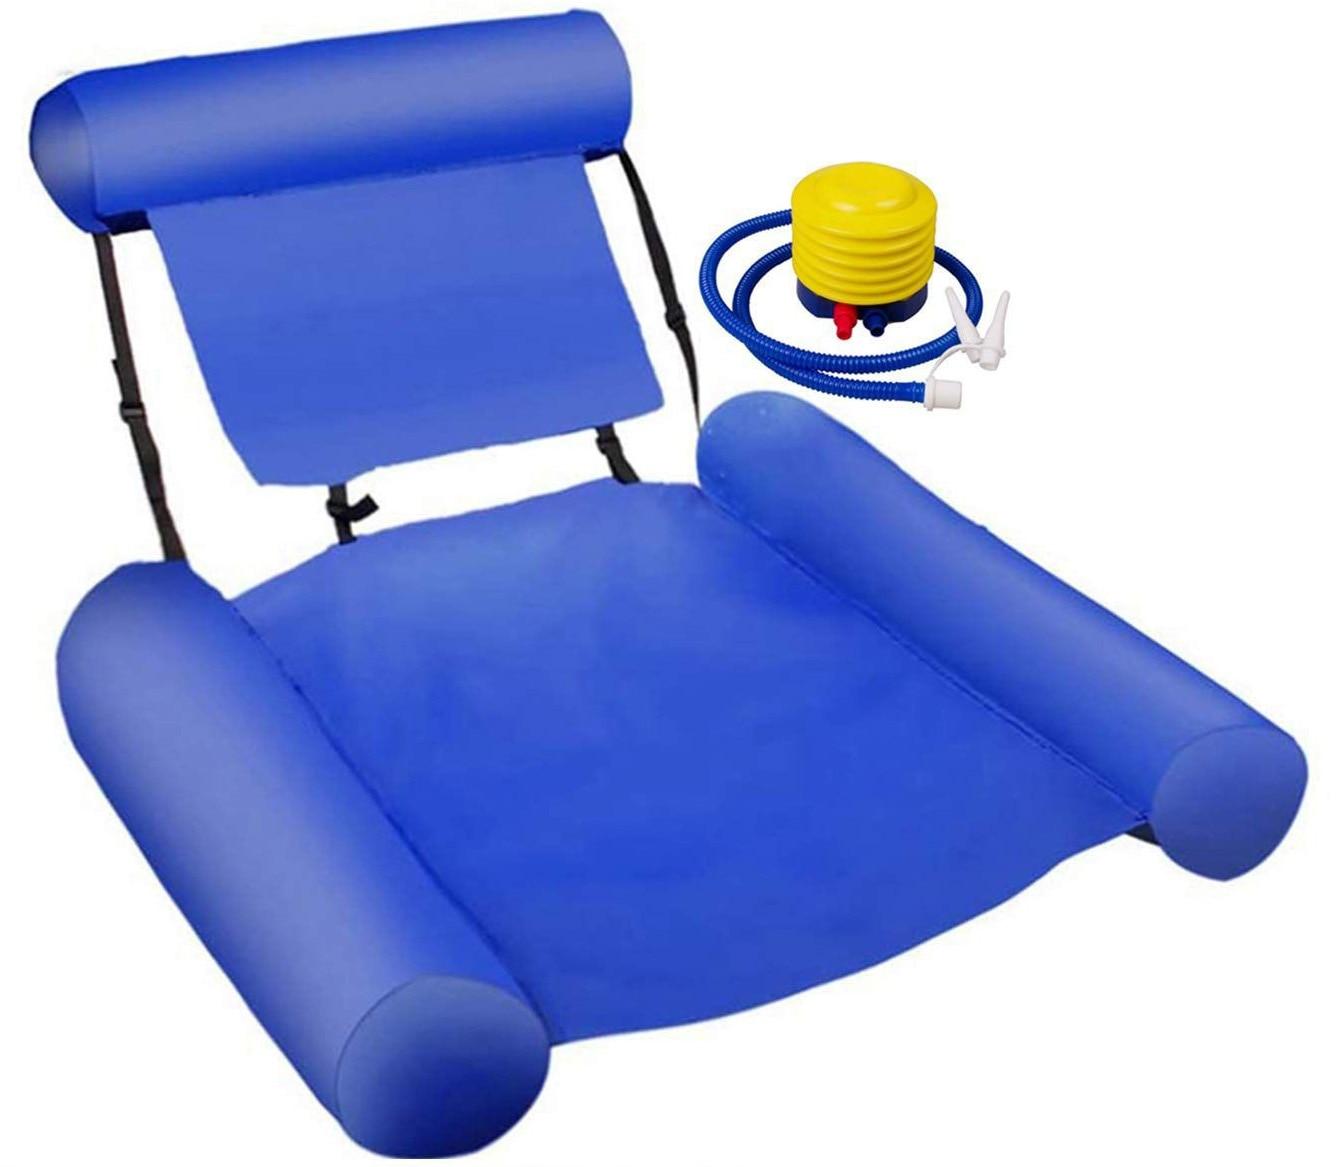 Надувной бассейн Yuyu, плавающий диван, плавающий бассейн, стул, плавательный круг, кровать, водная вечеринка, игрушки для бассейна, новое пост...